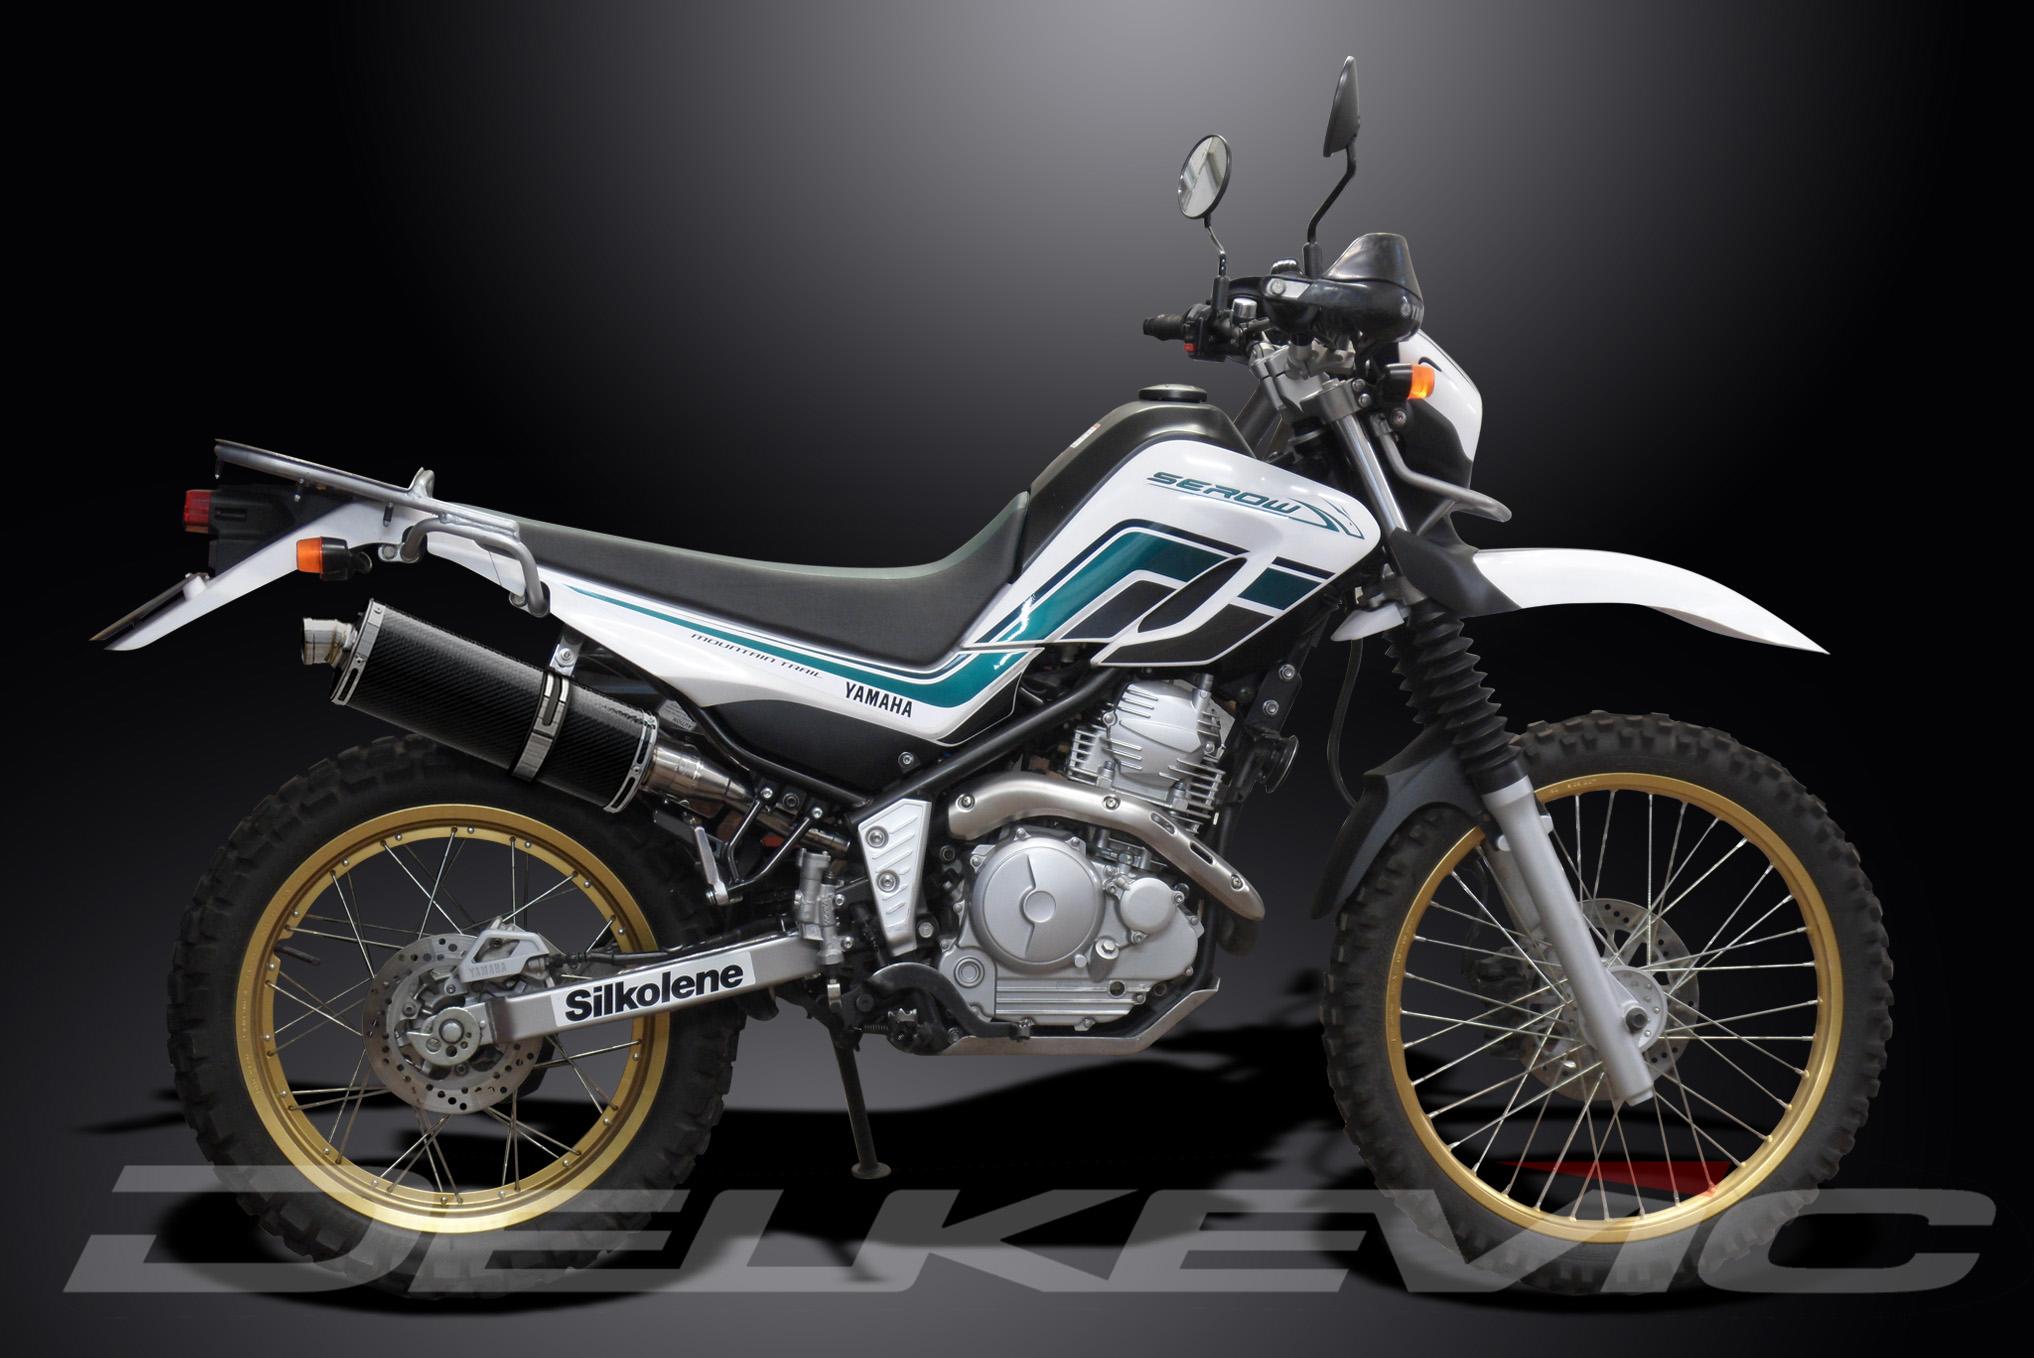 Silencieux-Pot-Echappement-350mm-Ovale-Fibre-Carbone-Yamaha-XT250-Serow-08-16